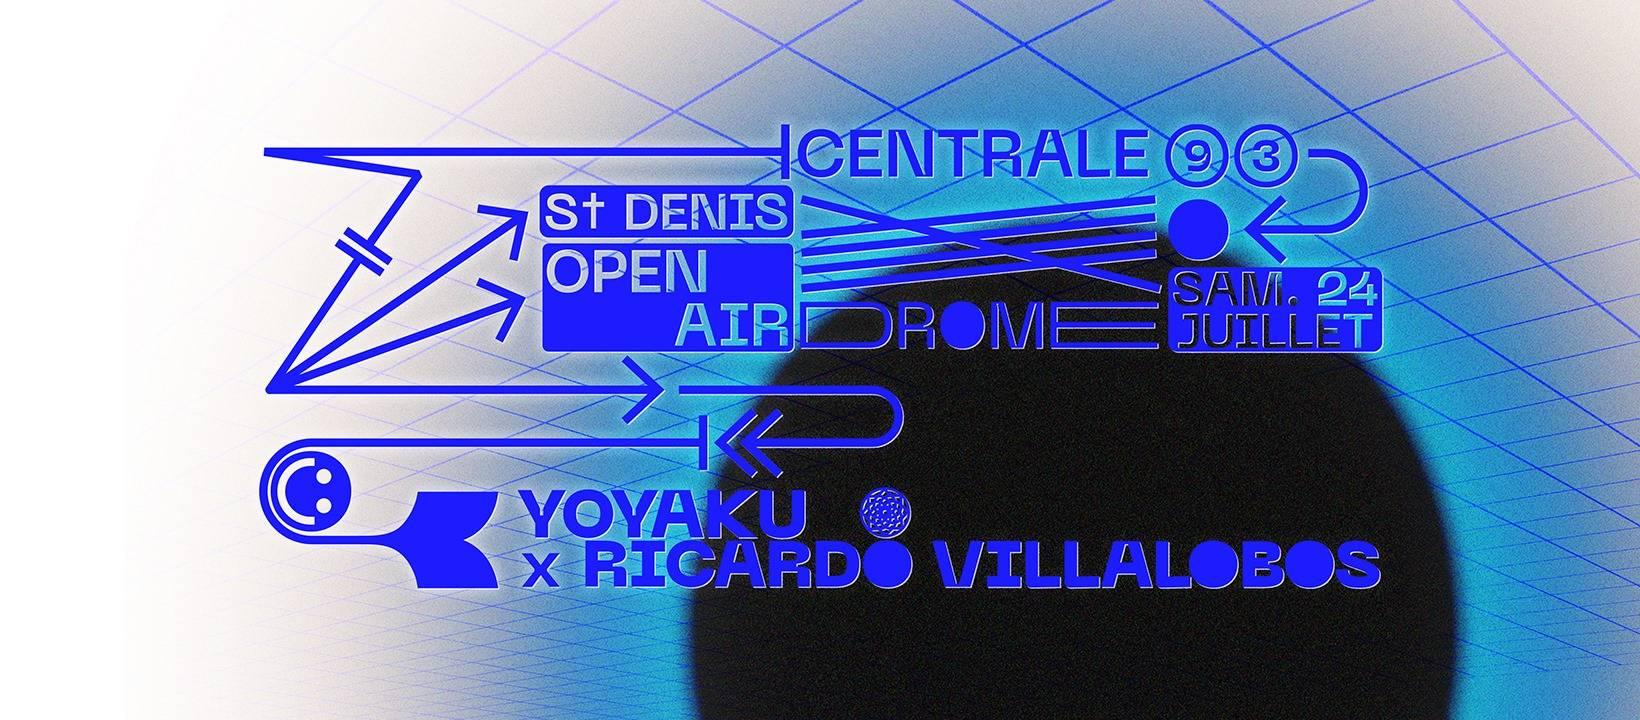 Centrale93 Open Air: Yoyaku x Ricardo Villalobos